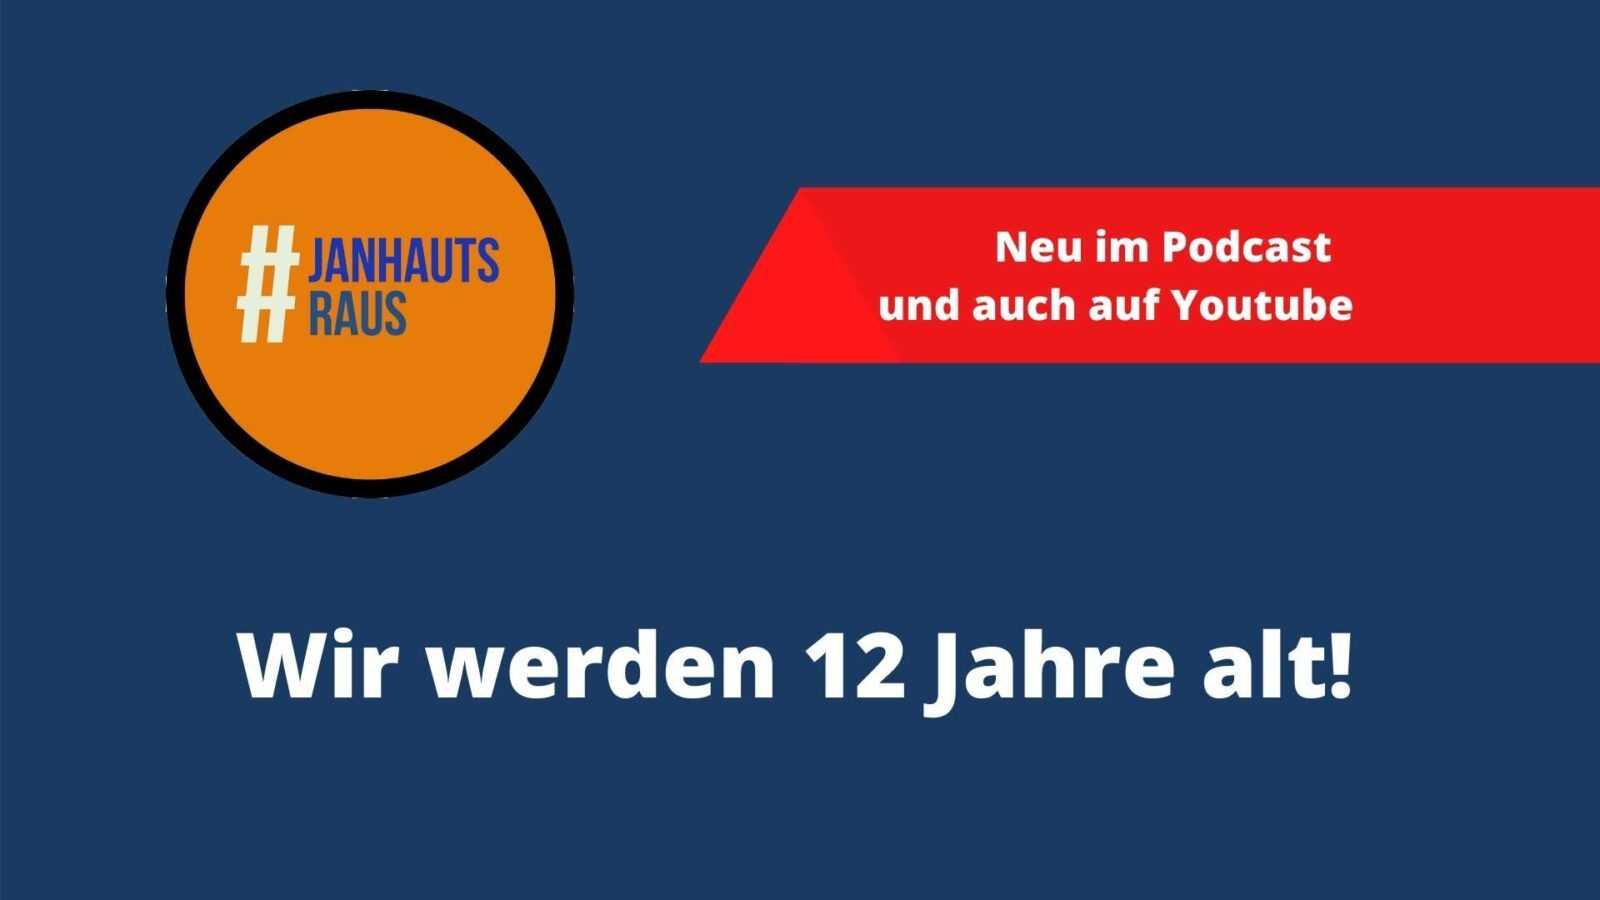 #janhautsraus - Wir werden 12 Jahre alt!